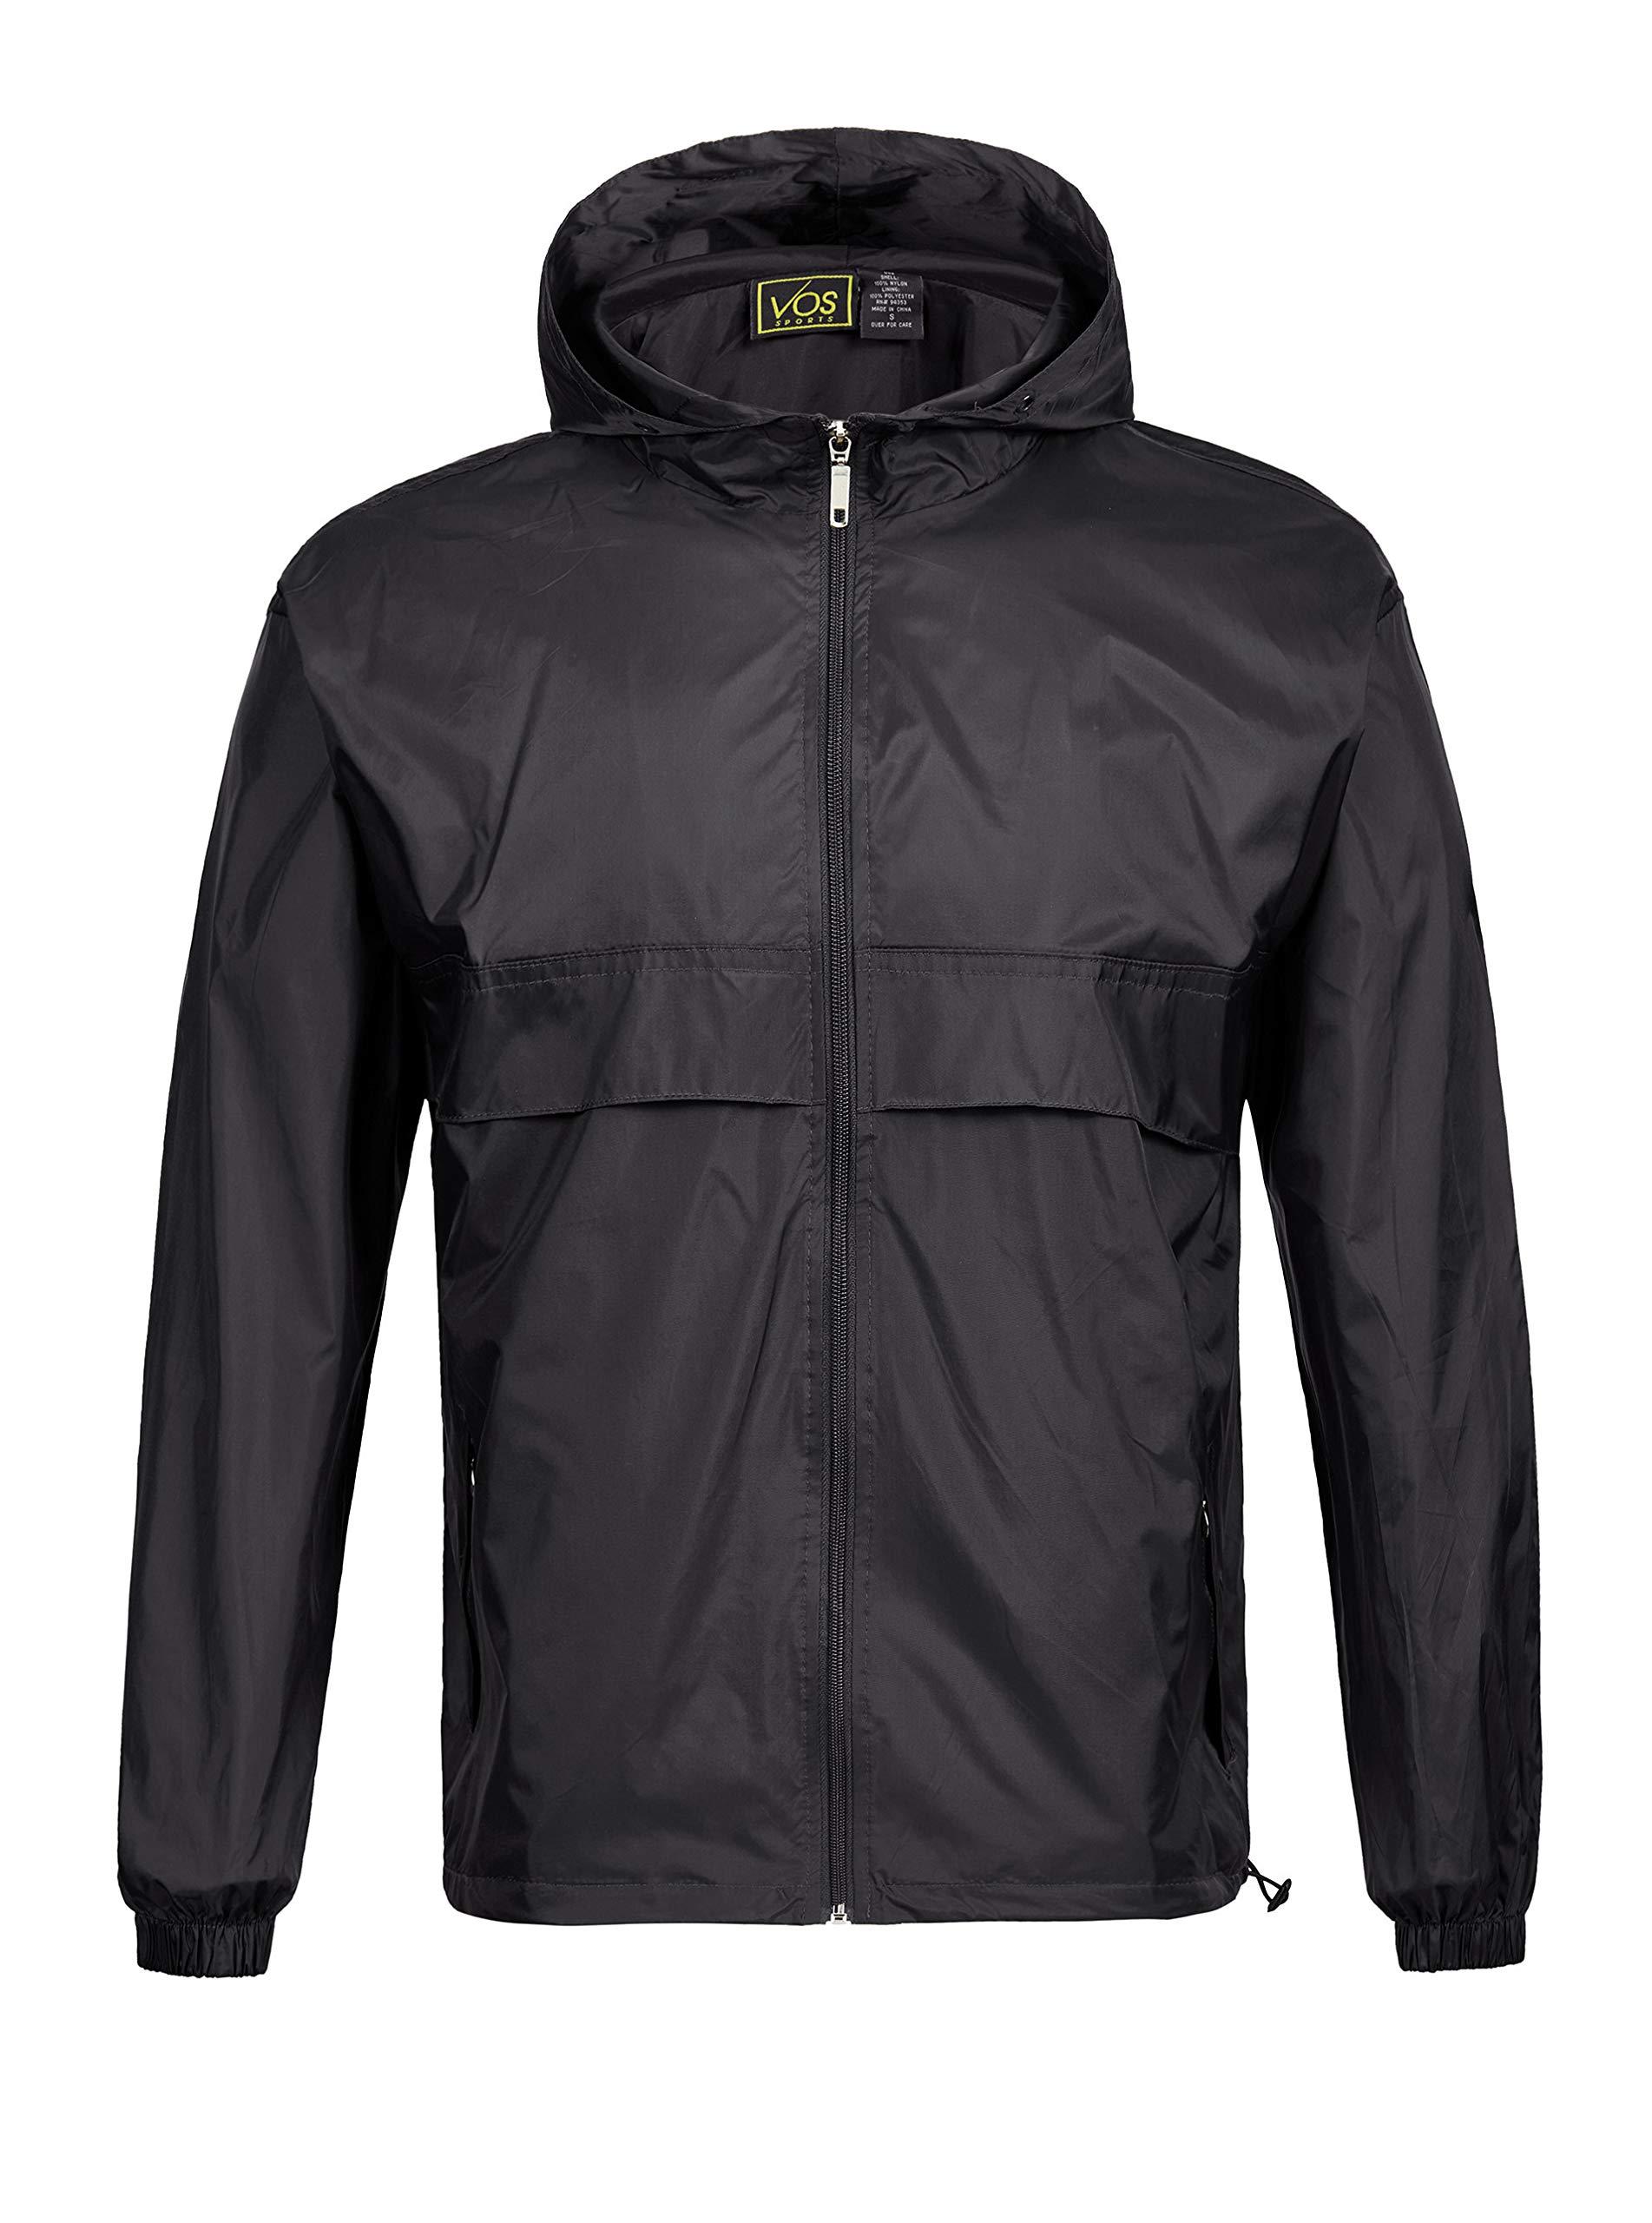 SWISSWELL Men's Lightweight Rain Jacket Waterproof Hooded Rainwear Black,L by SWISSWELL